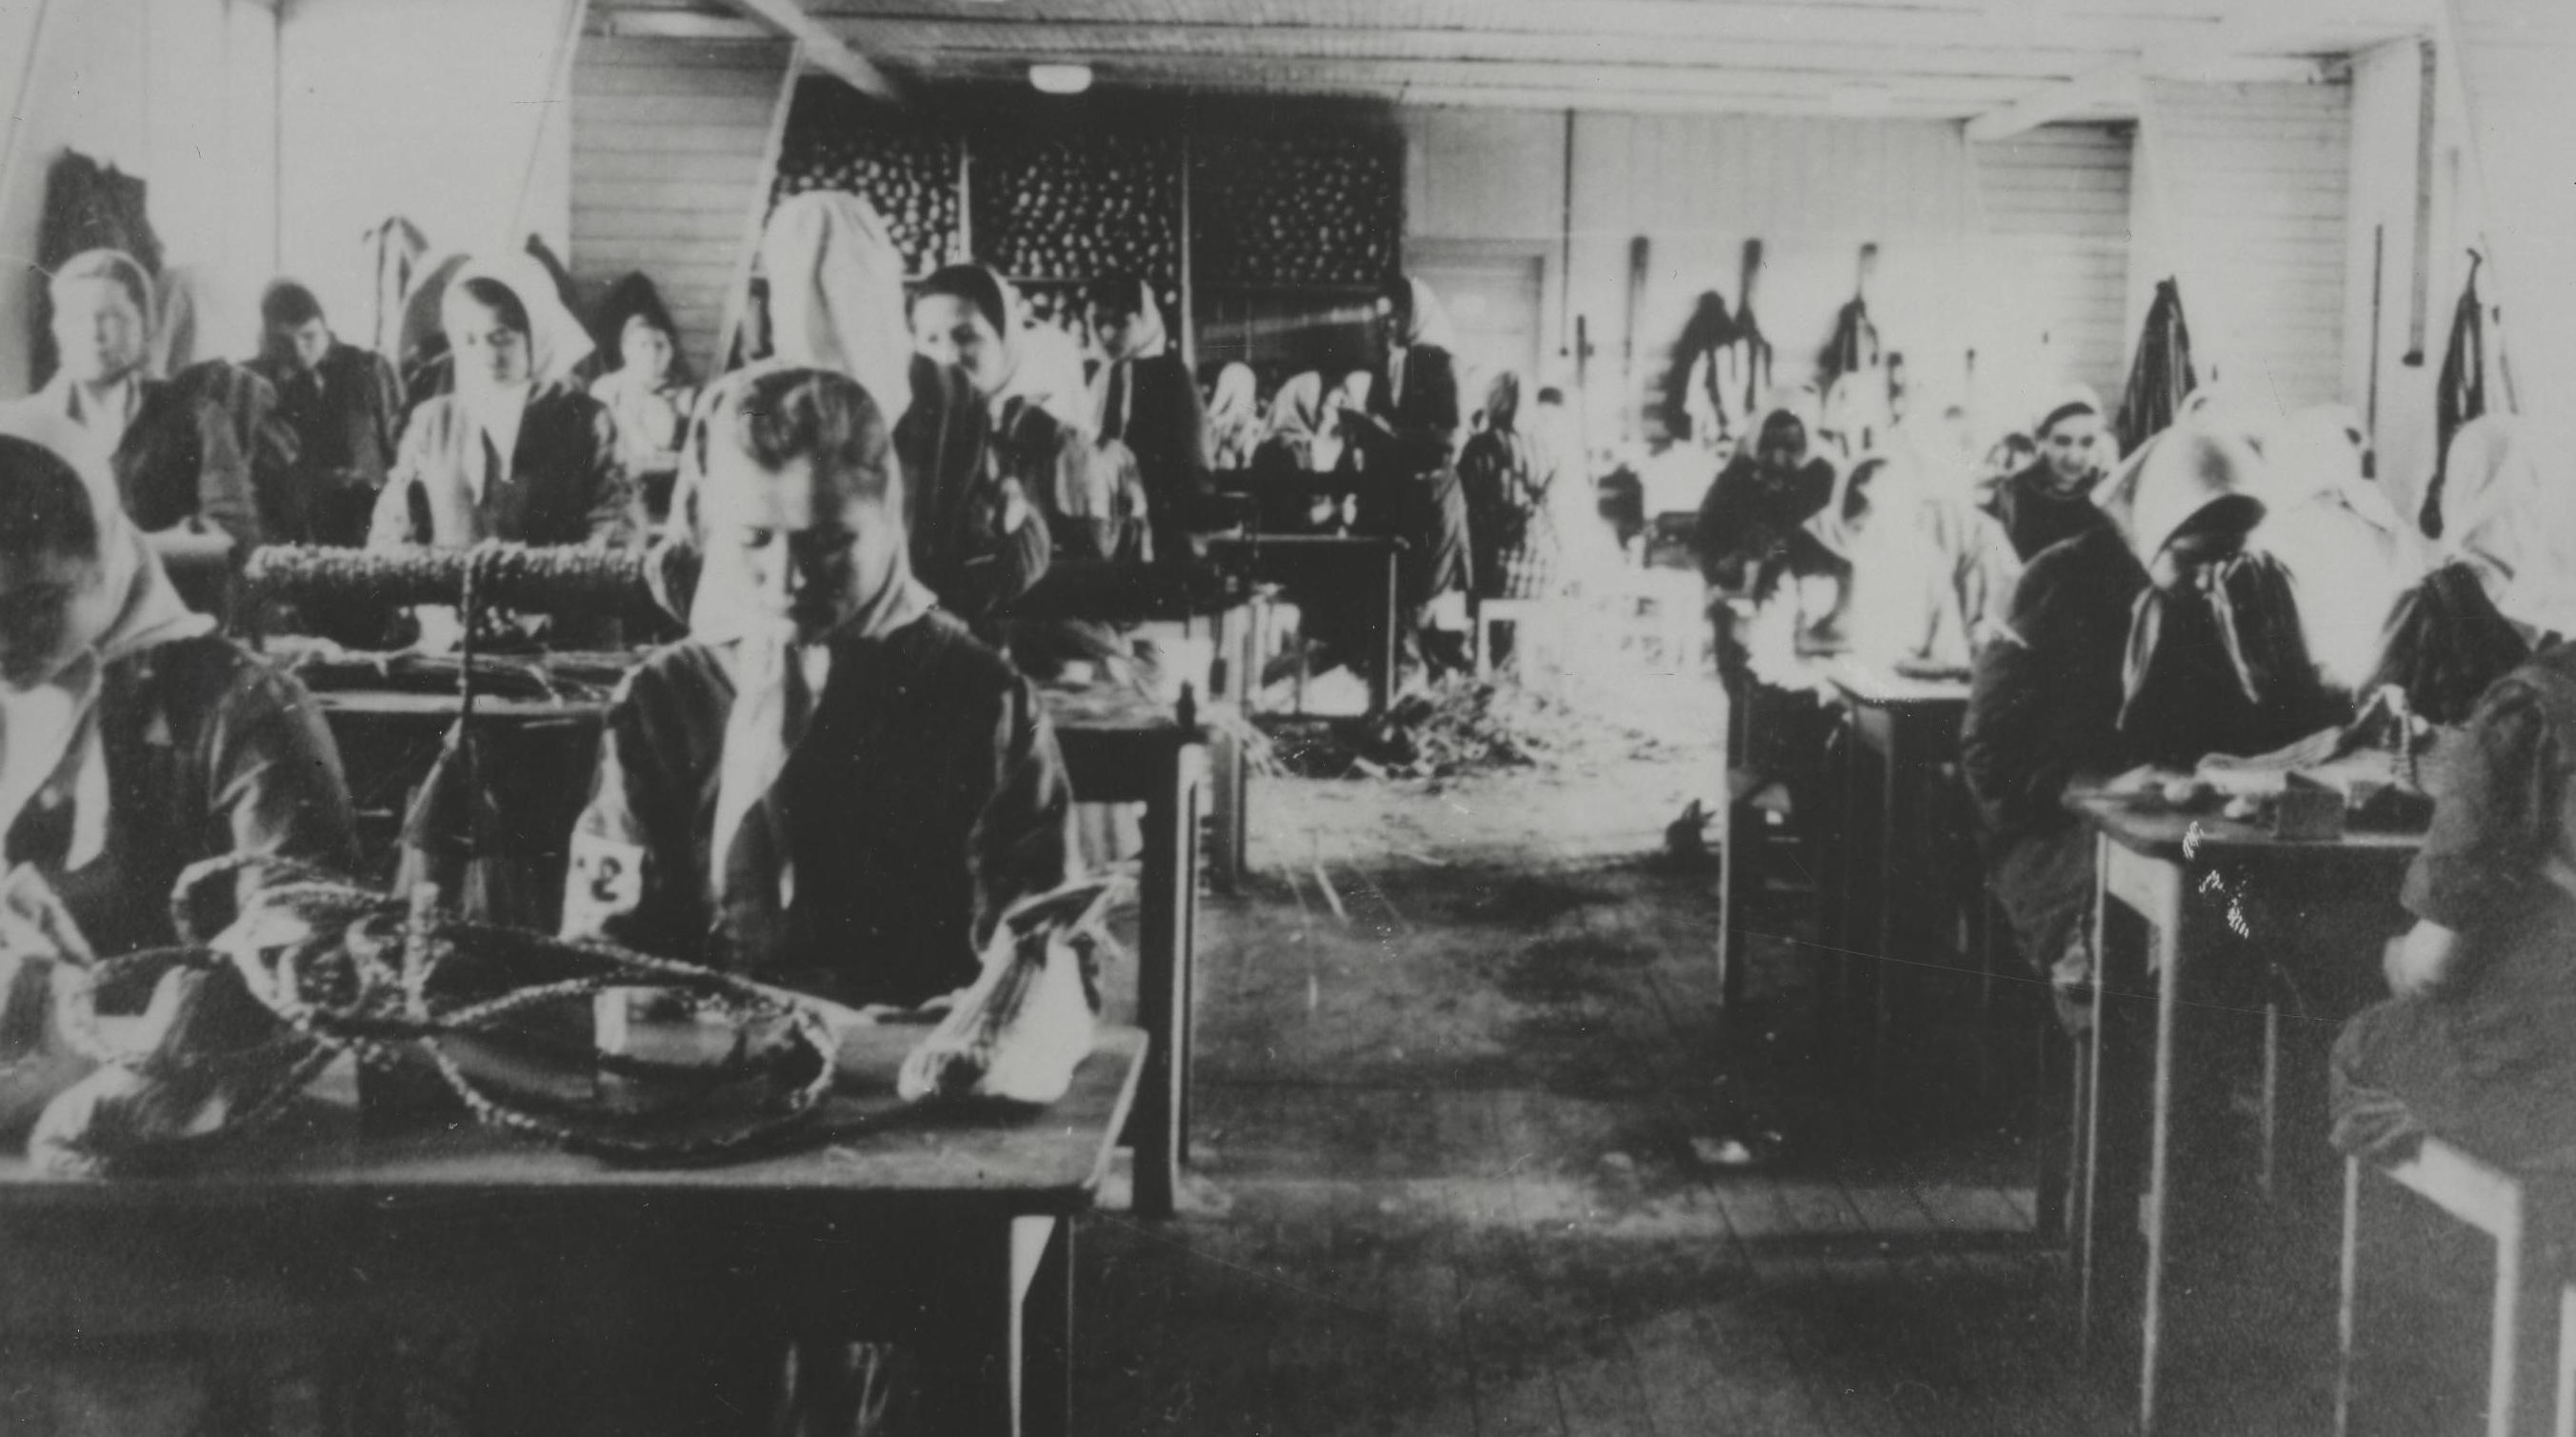 Frauen bei der zwangsarbeit im kz ravensbrück, um 1942